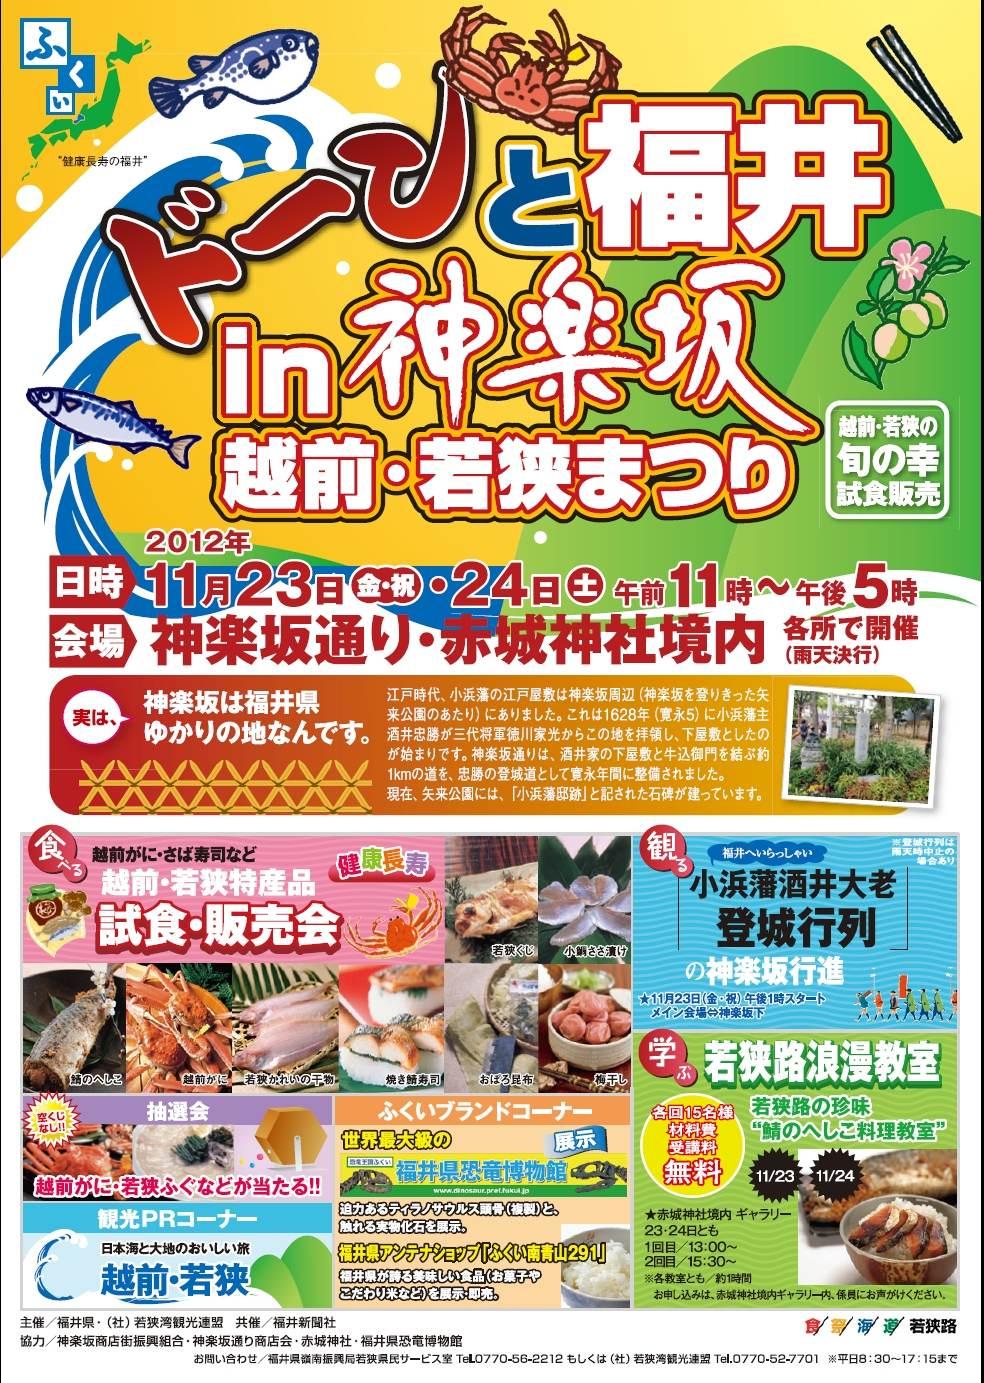 ドーンと福井in神楽坂 越前・若狭まつり2012